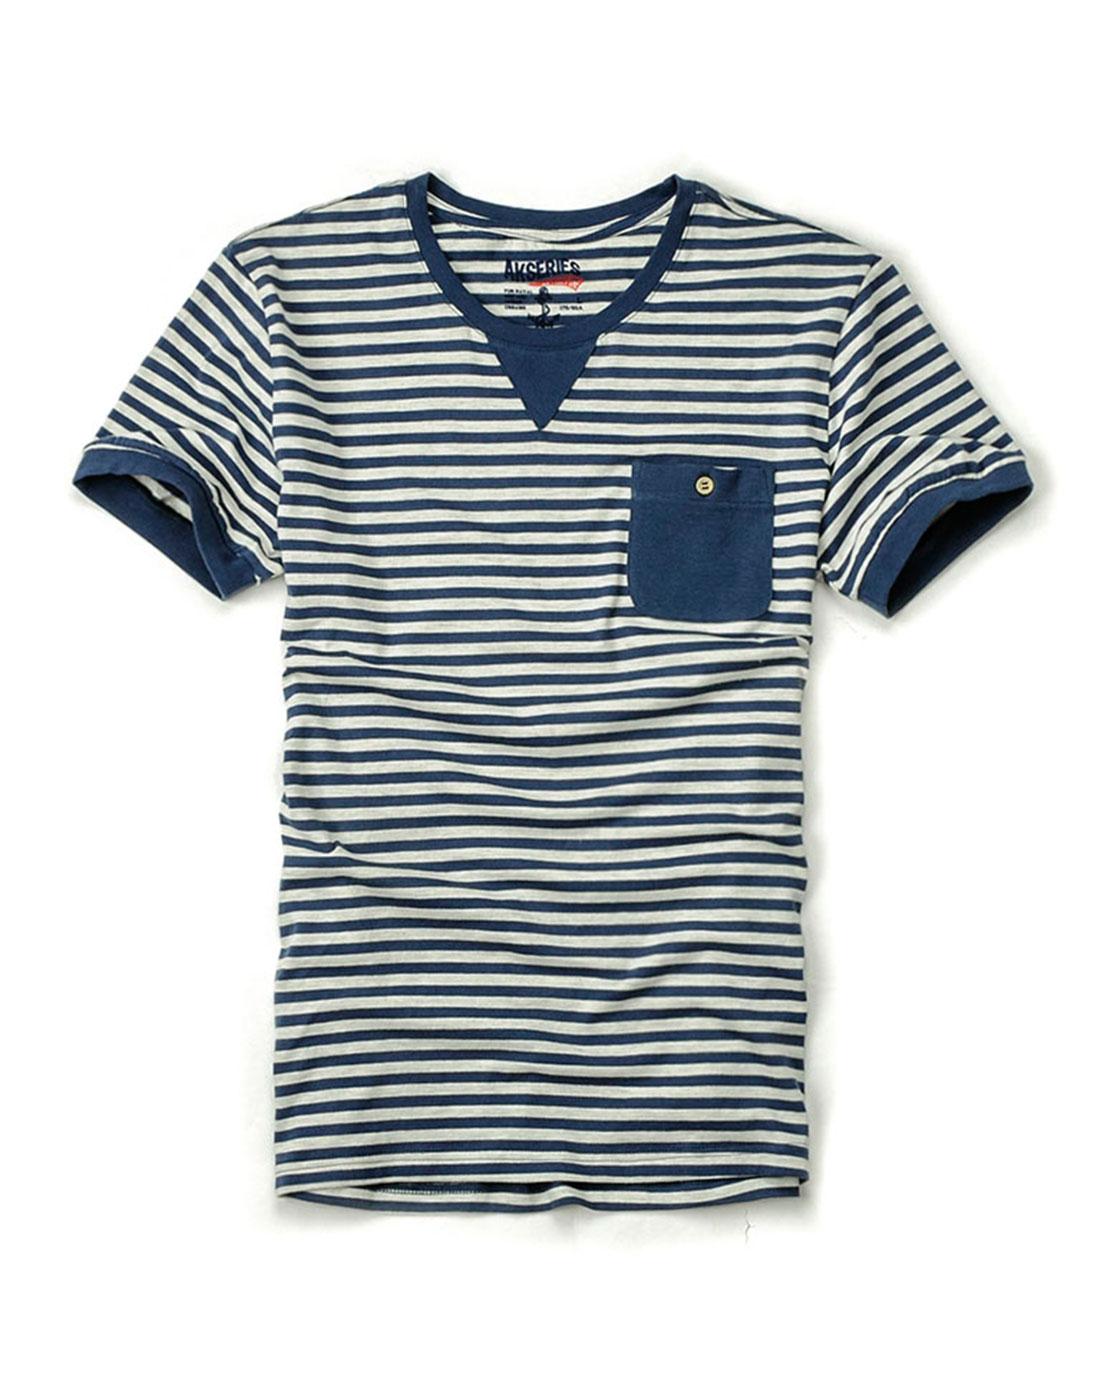 蓝条圆领三角片海魂条纹短袖t恤